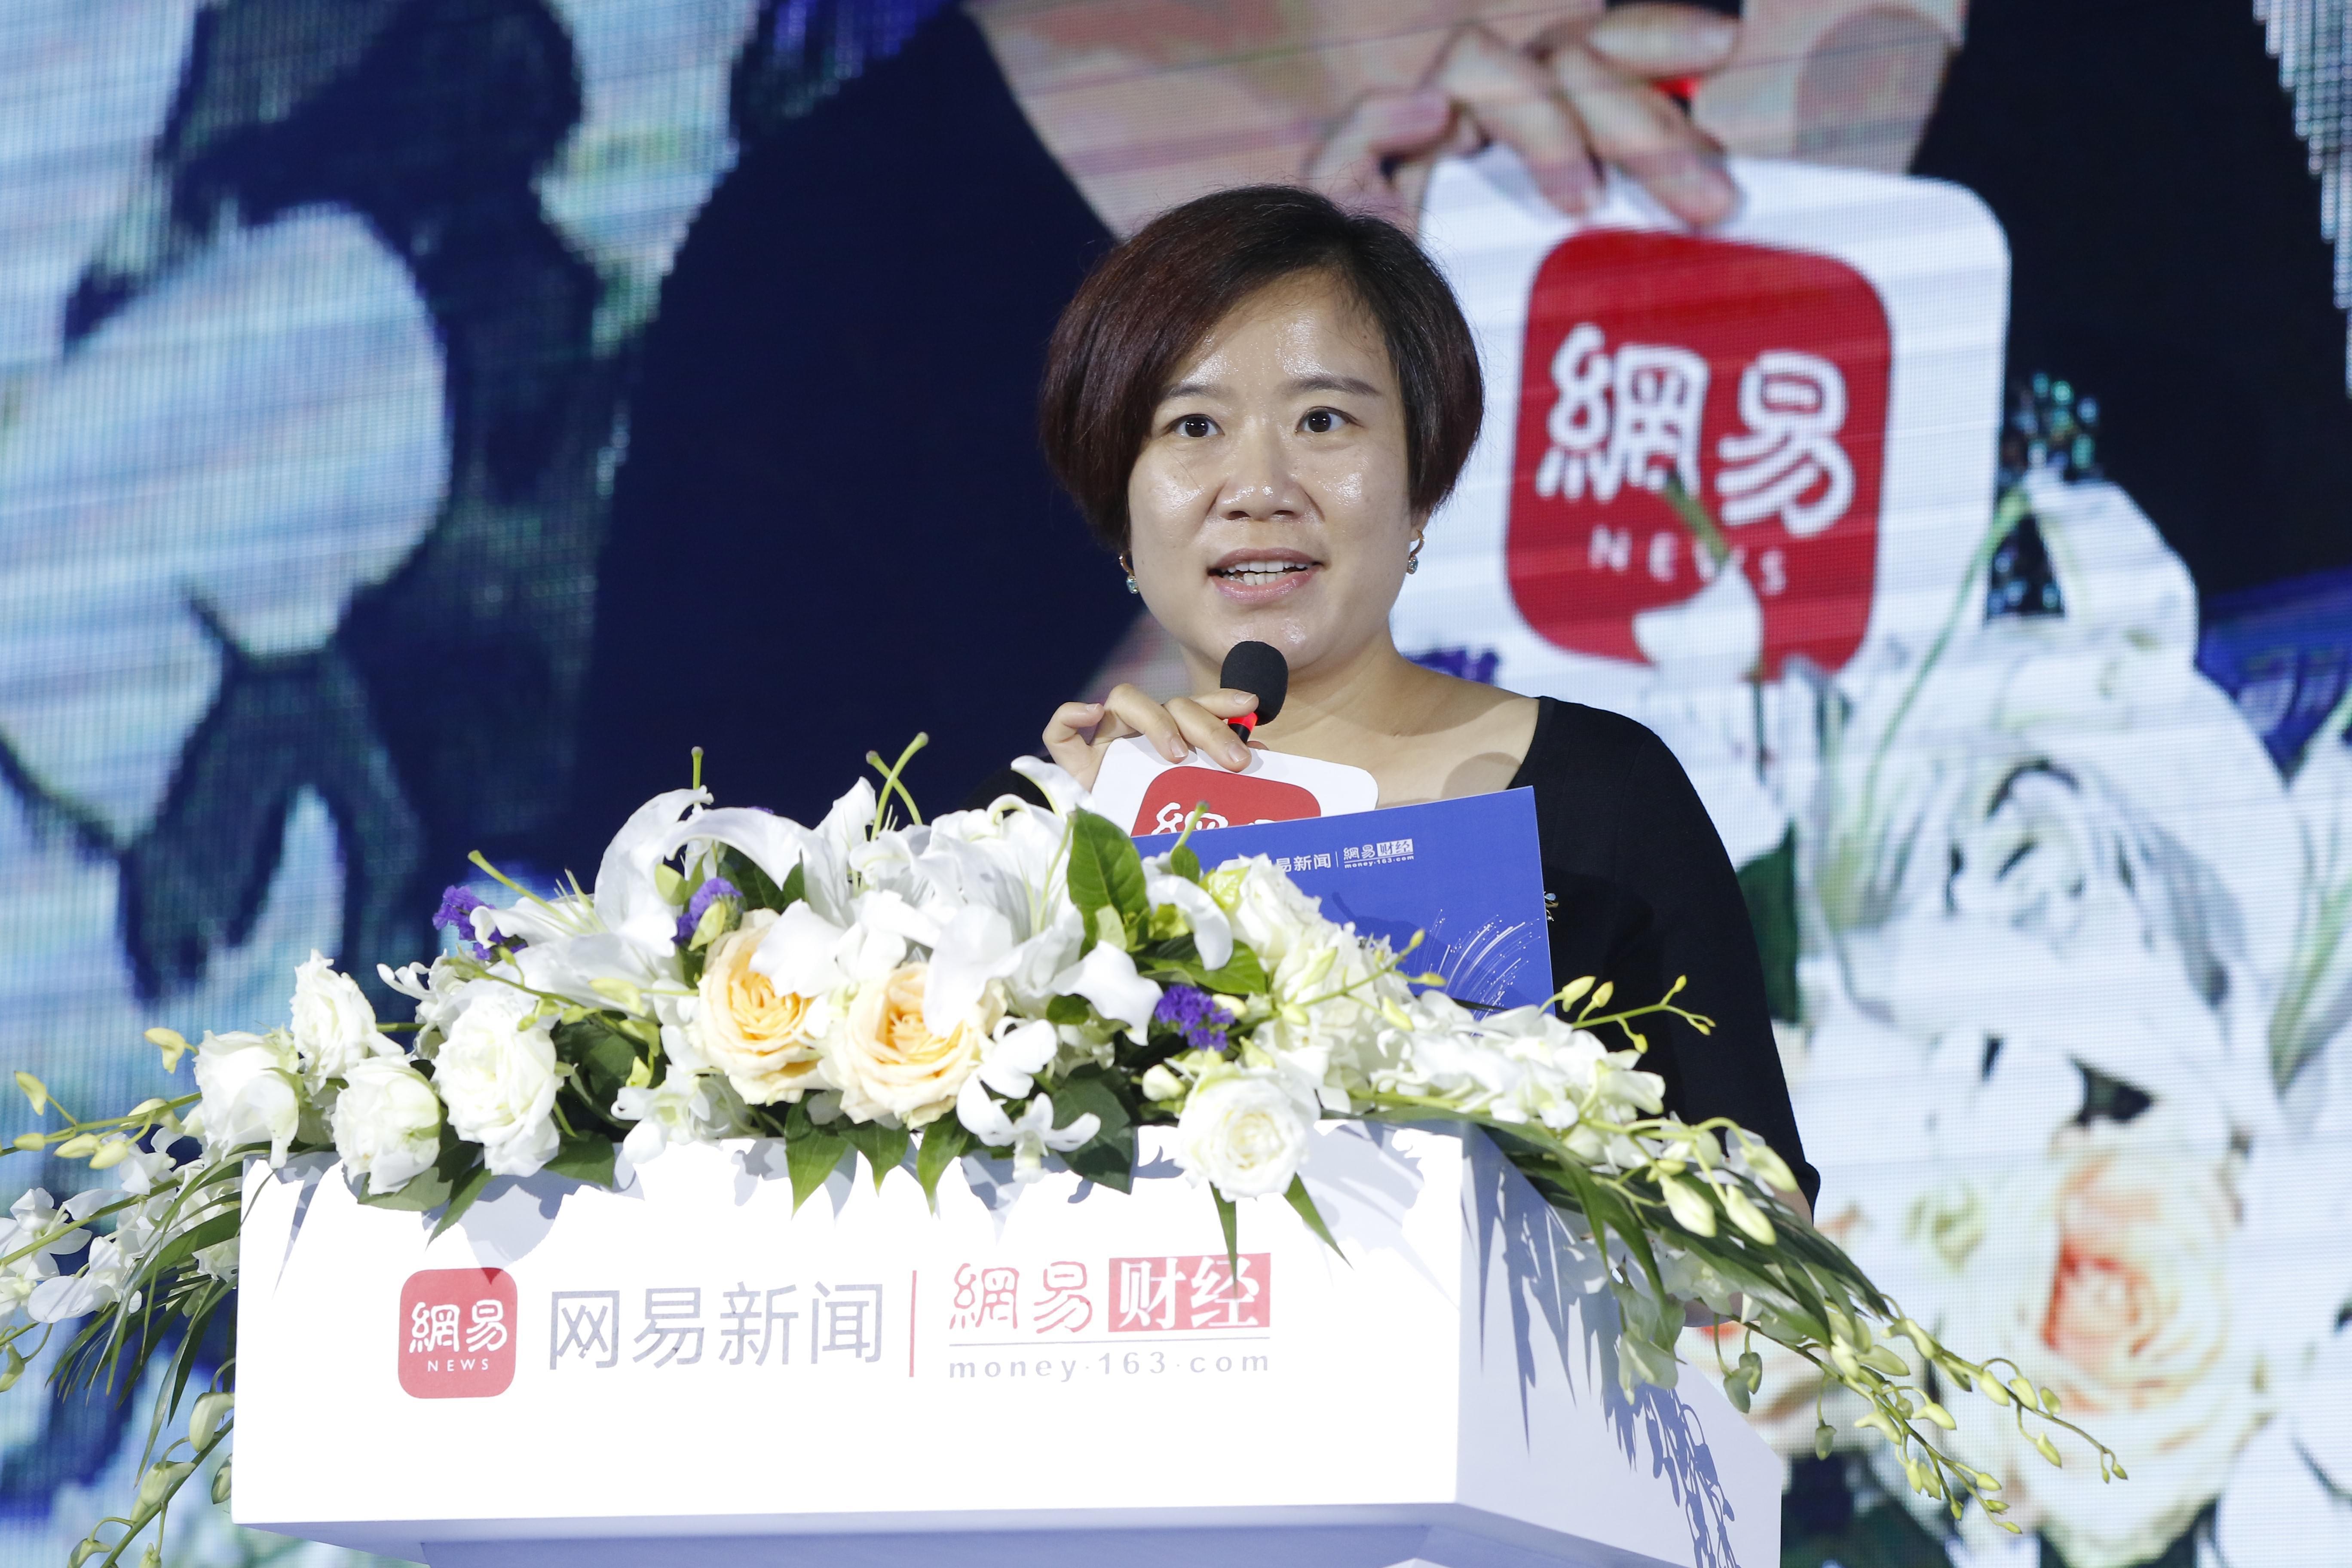 李黎:中国经济要想再上新台阶 需改革进一步助力